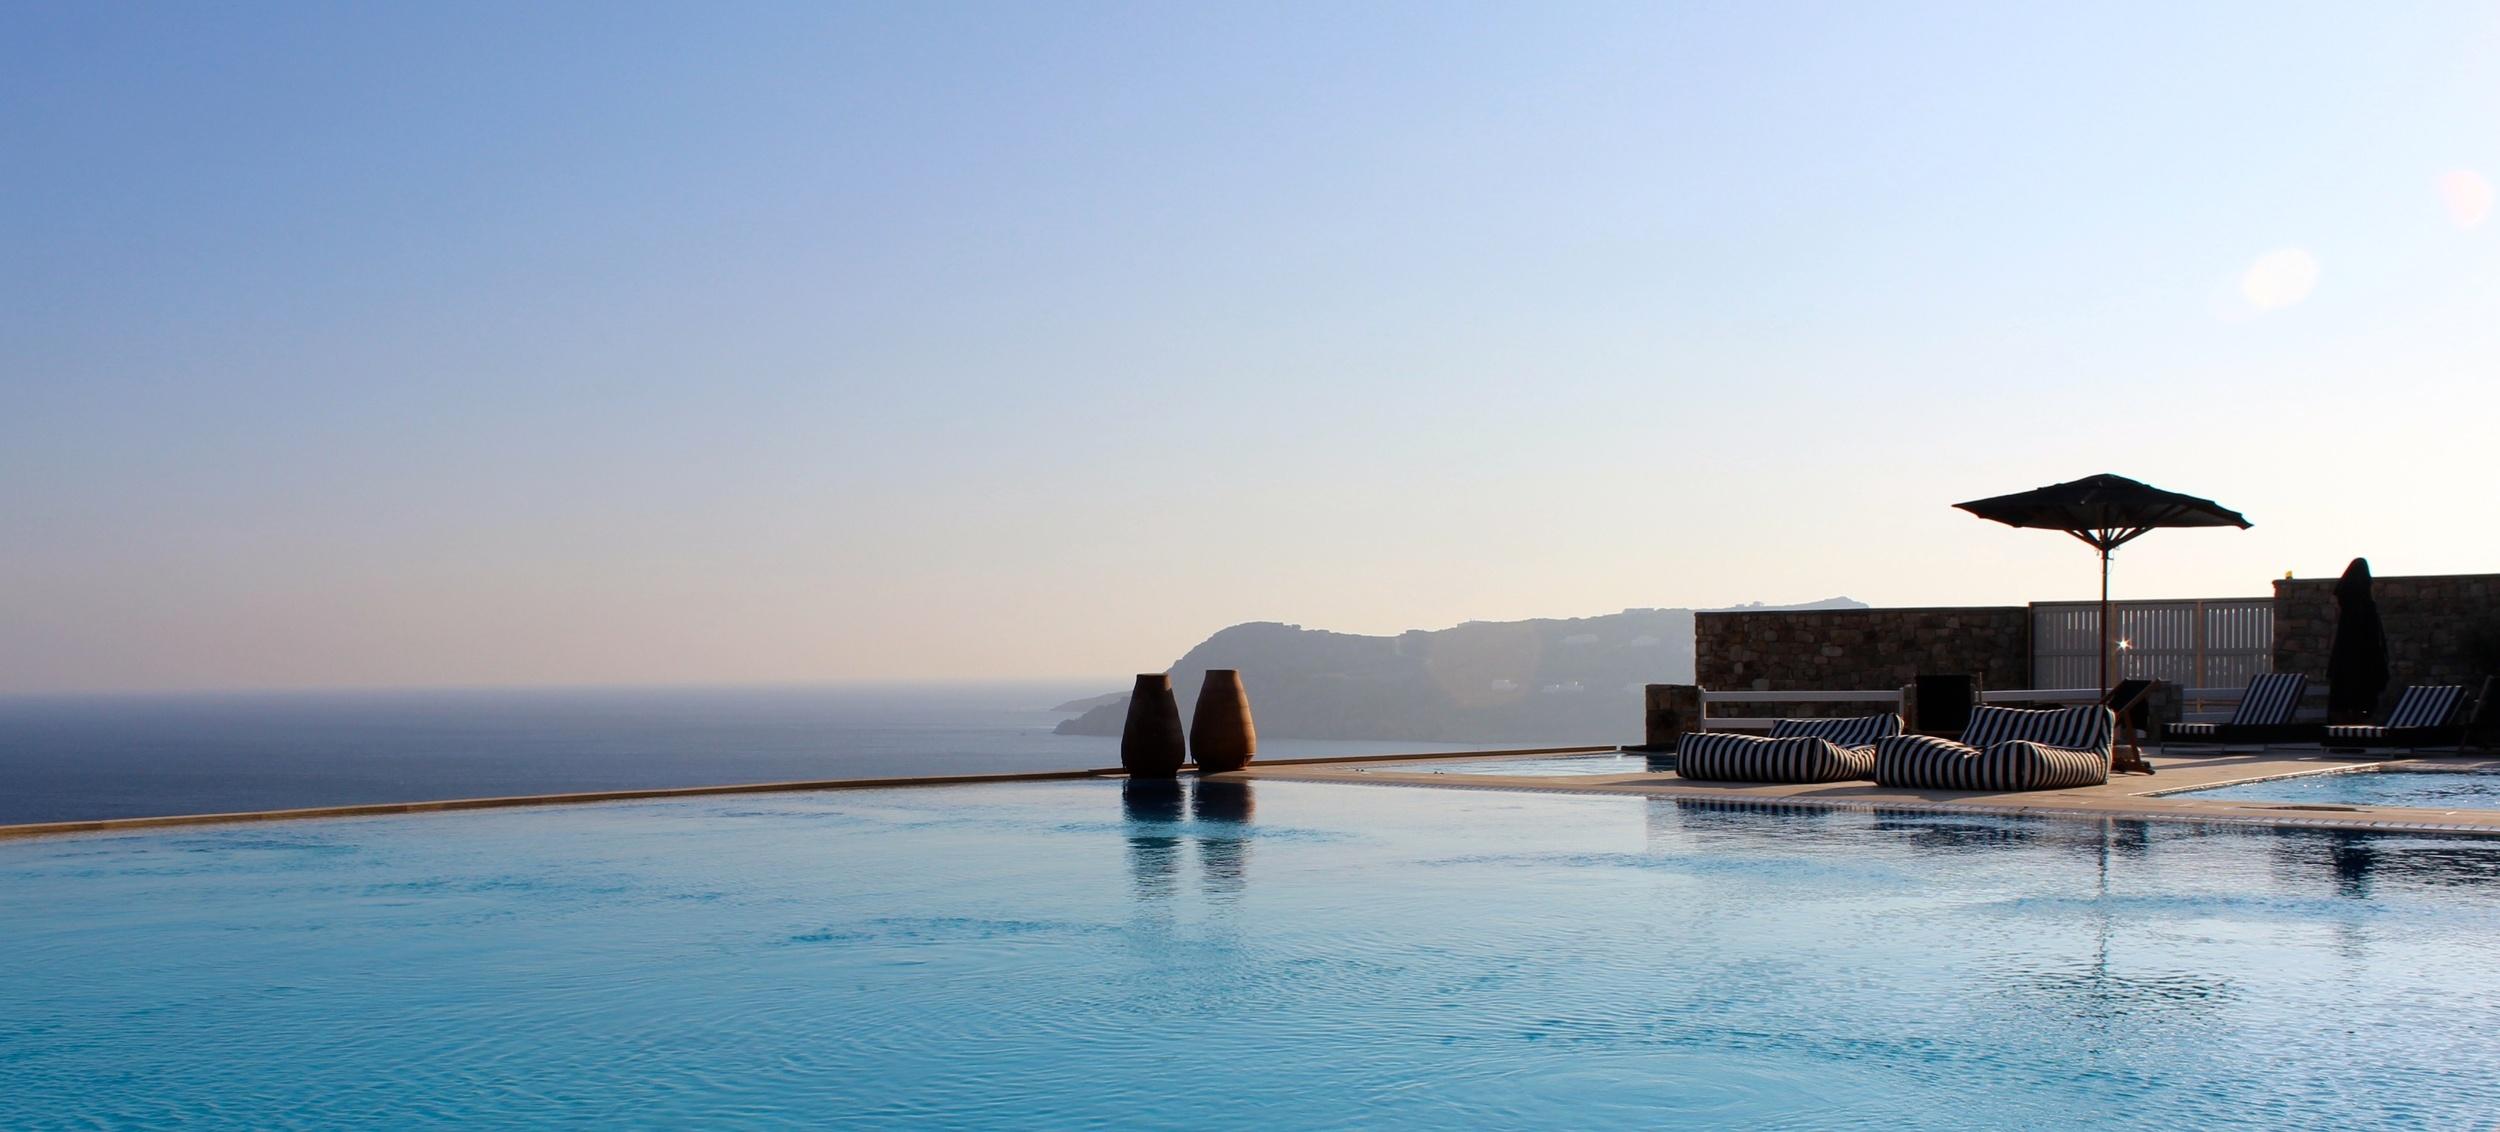 Infinity Pool mit Blick auf die Bucht Myconia Villa Collection Griechenland Mykonos Hotelbeschreibung Tipps für Mykonos Blog für Frauen über 40 und über 50. BeFifty Blog für Frauen über 40 und 50. Reisetipps Griechenland.